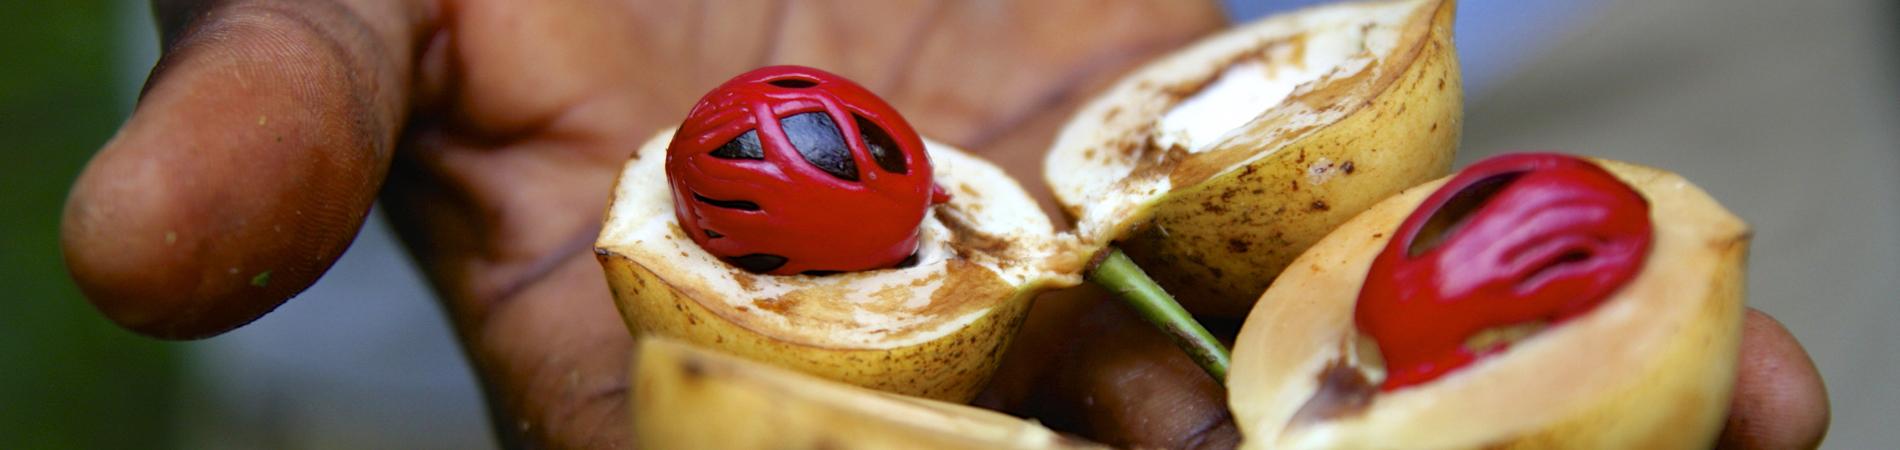 shutterstock znz header nutmeg spice